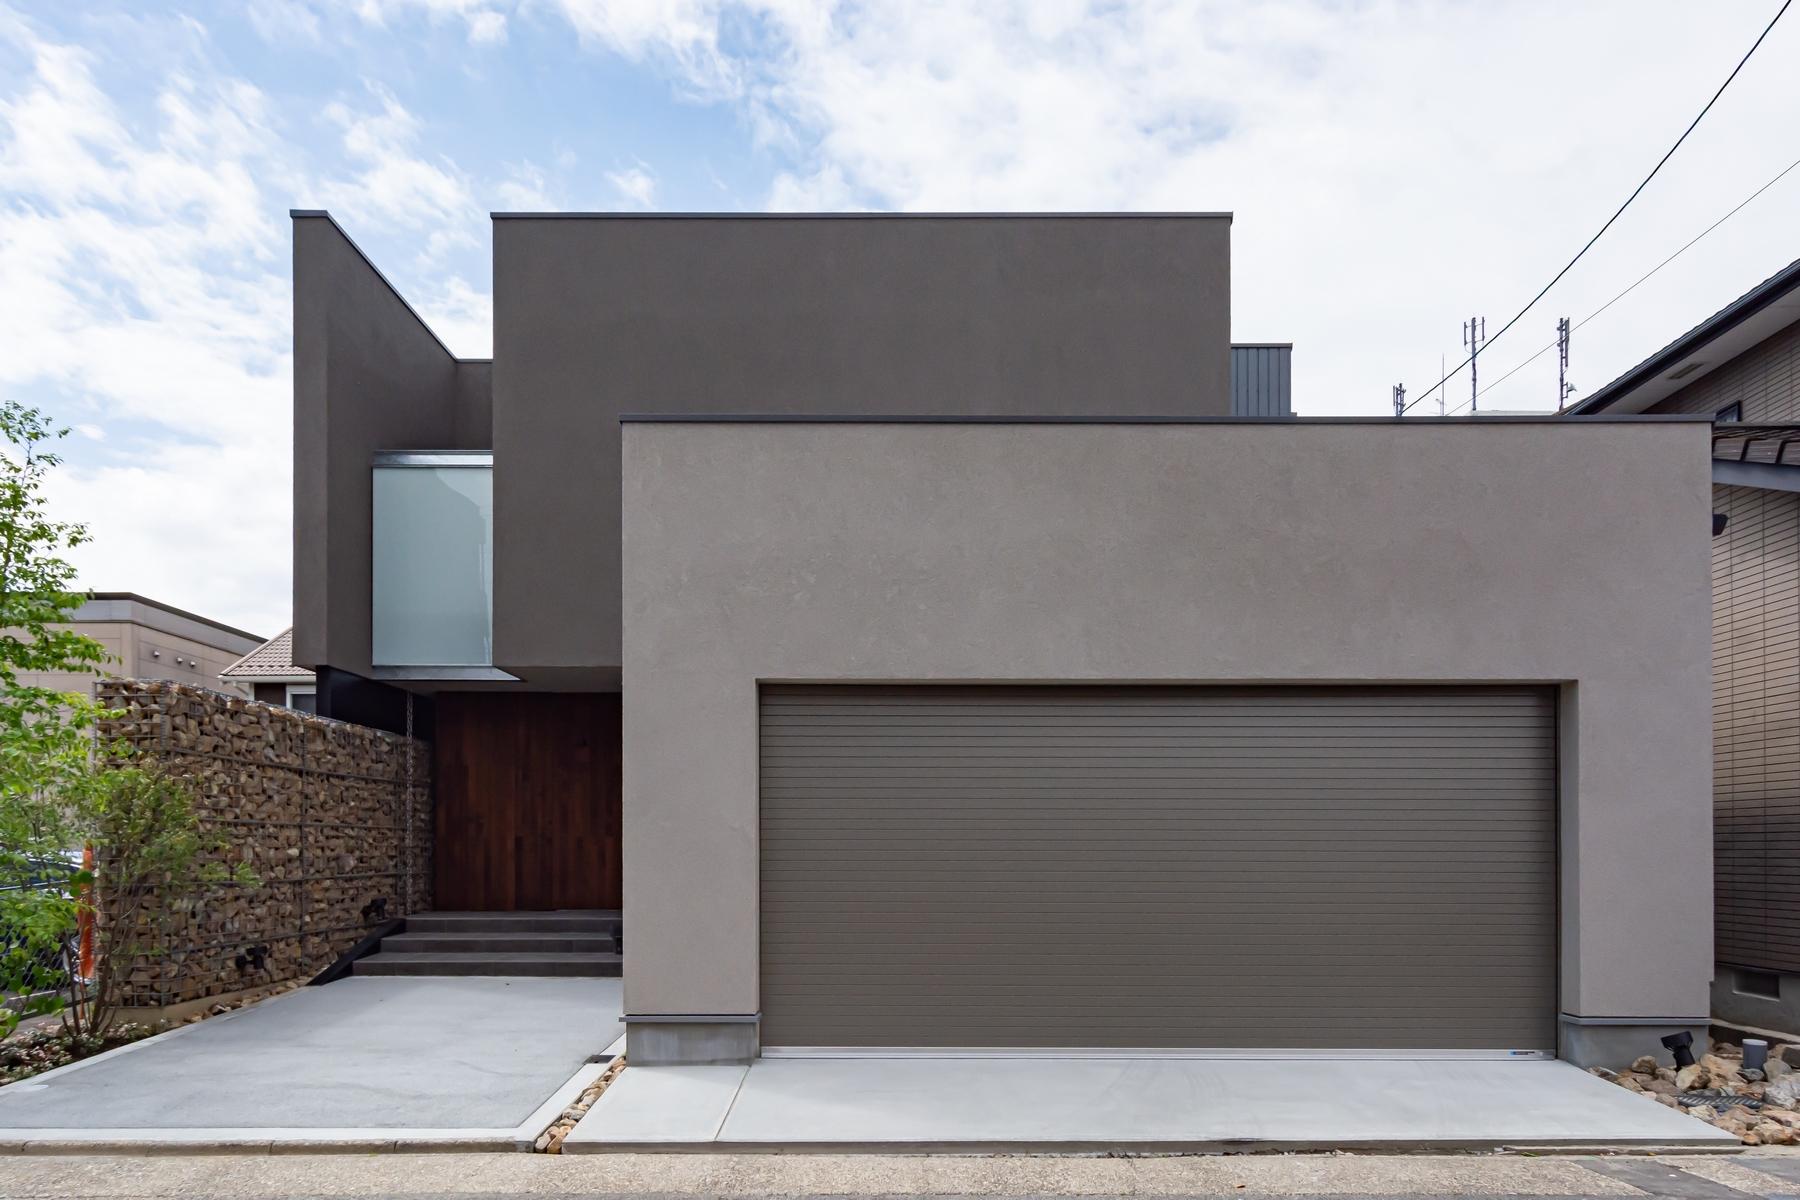 車2台が余裕で駐車できるインナーガレージのある邸宅、ガビオンを建物に取り込んだ大胆な外観を提案